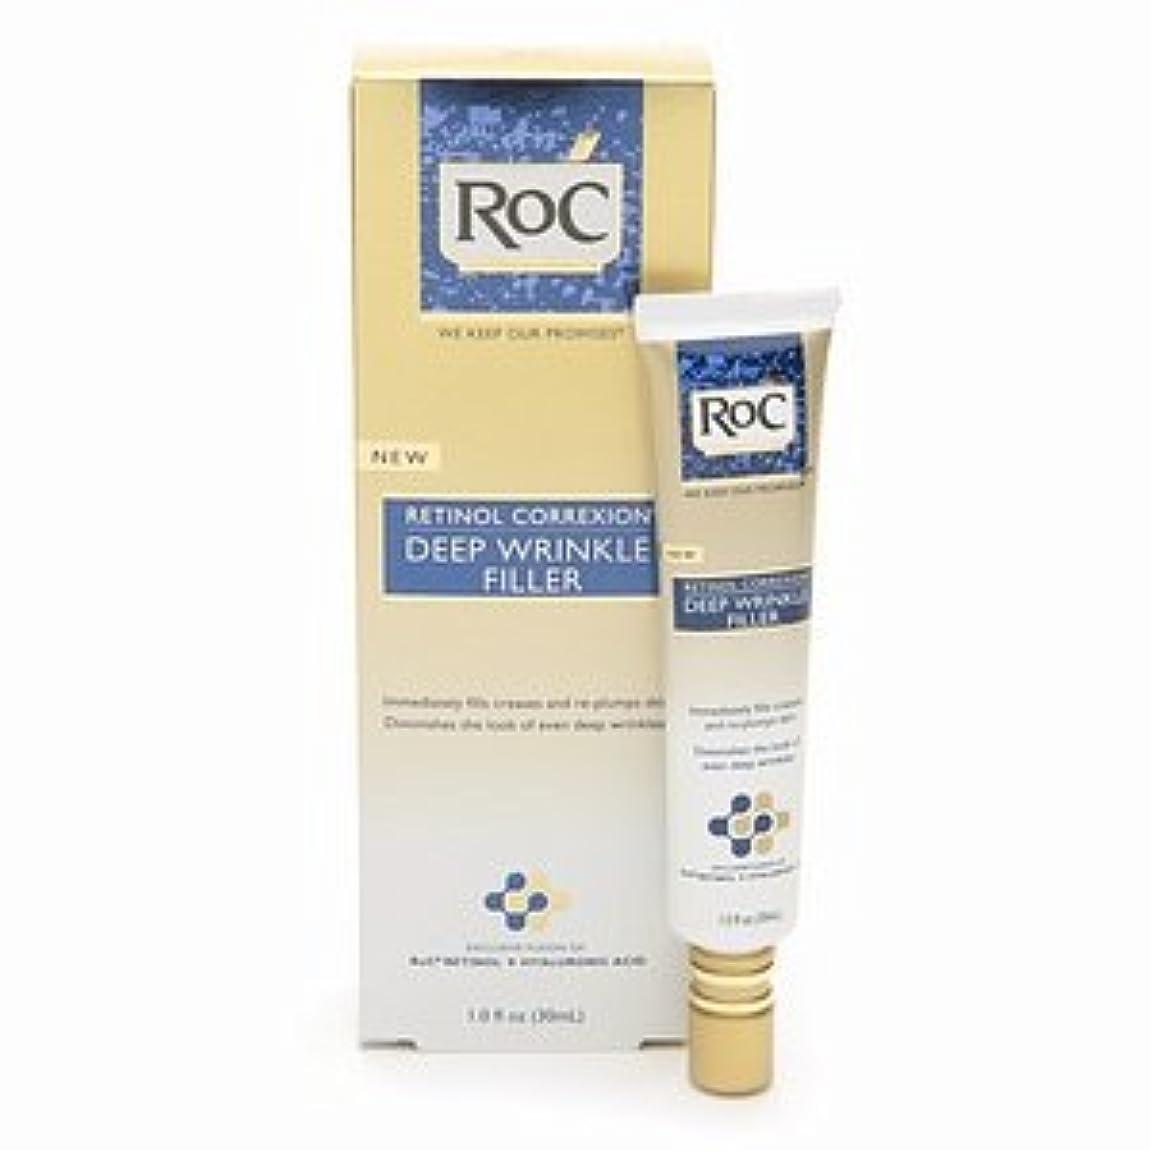 メダル穿孔するファウルRoC レチノール コレクション ディープリンクル フィラー RoC Retinol Correxion Deep Wrinkle Filler